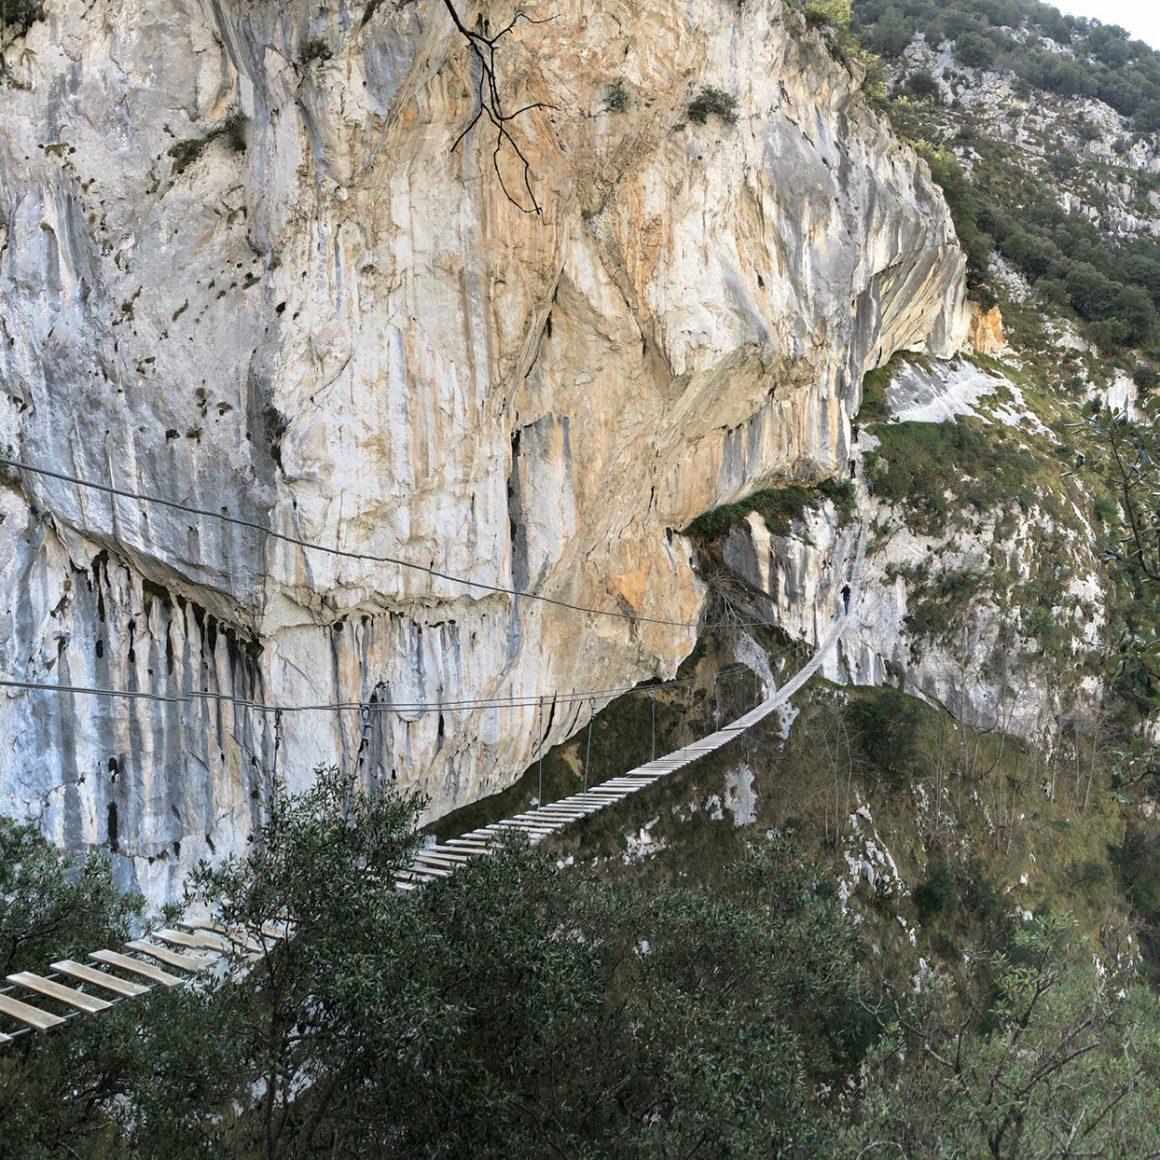 Vista panorámica de la Vía Ferrata de la Hemida en Cantabria